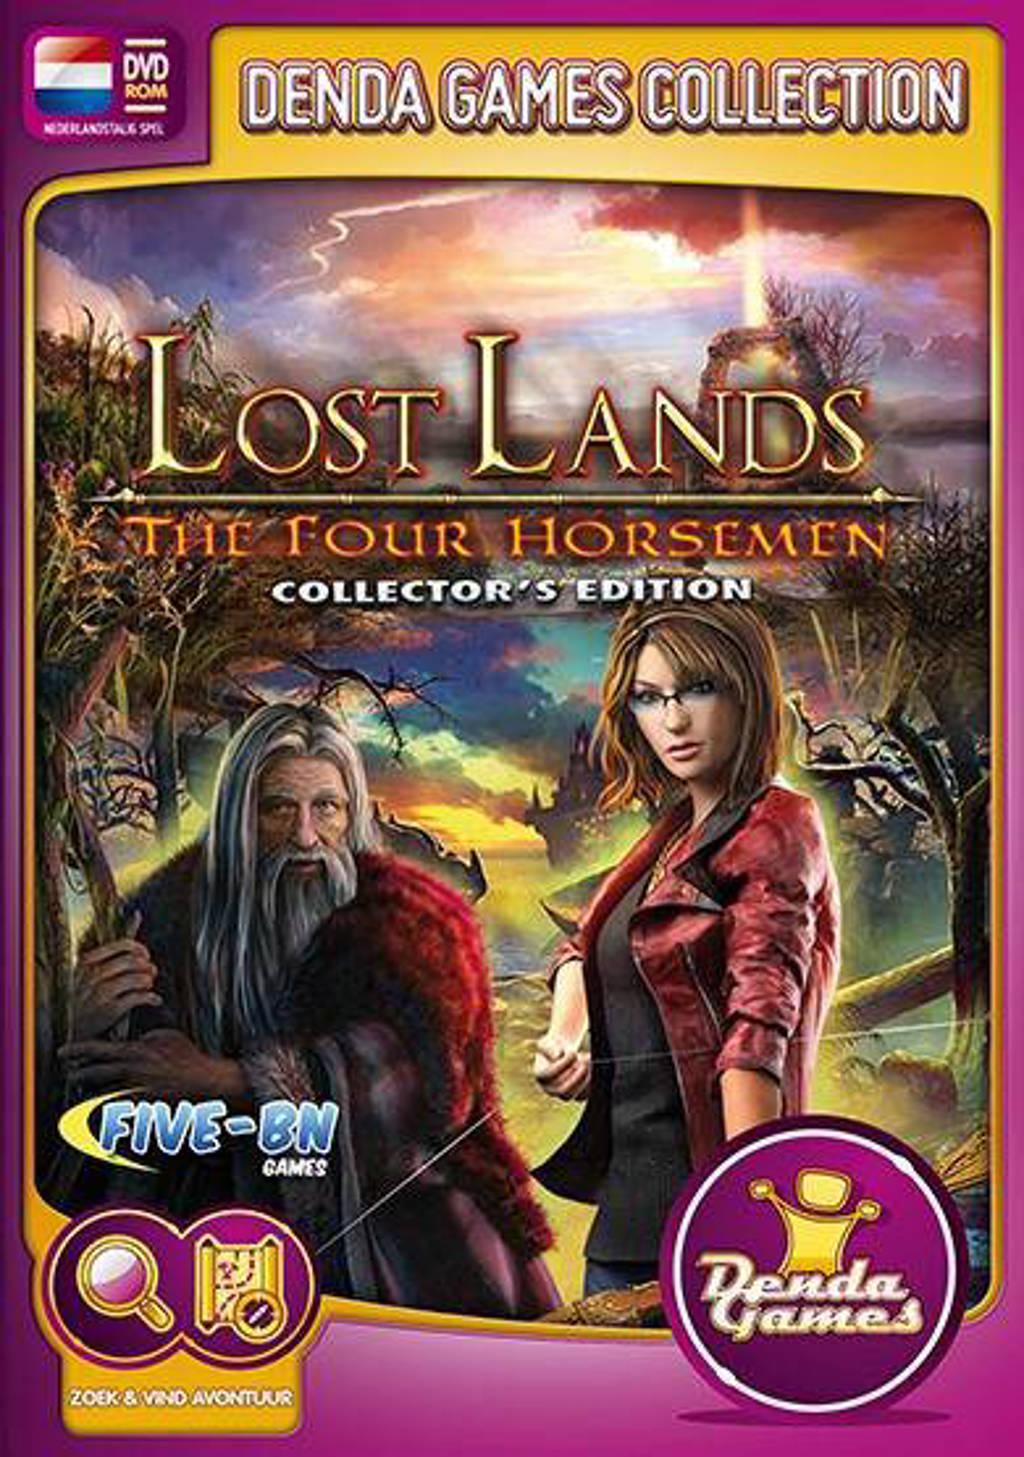 Lost lands - The four horsemen (Collectors edition) (PC)